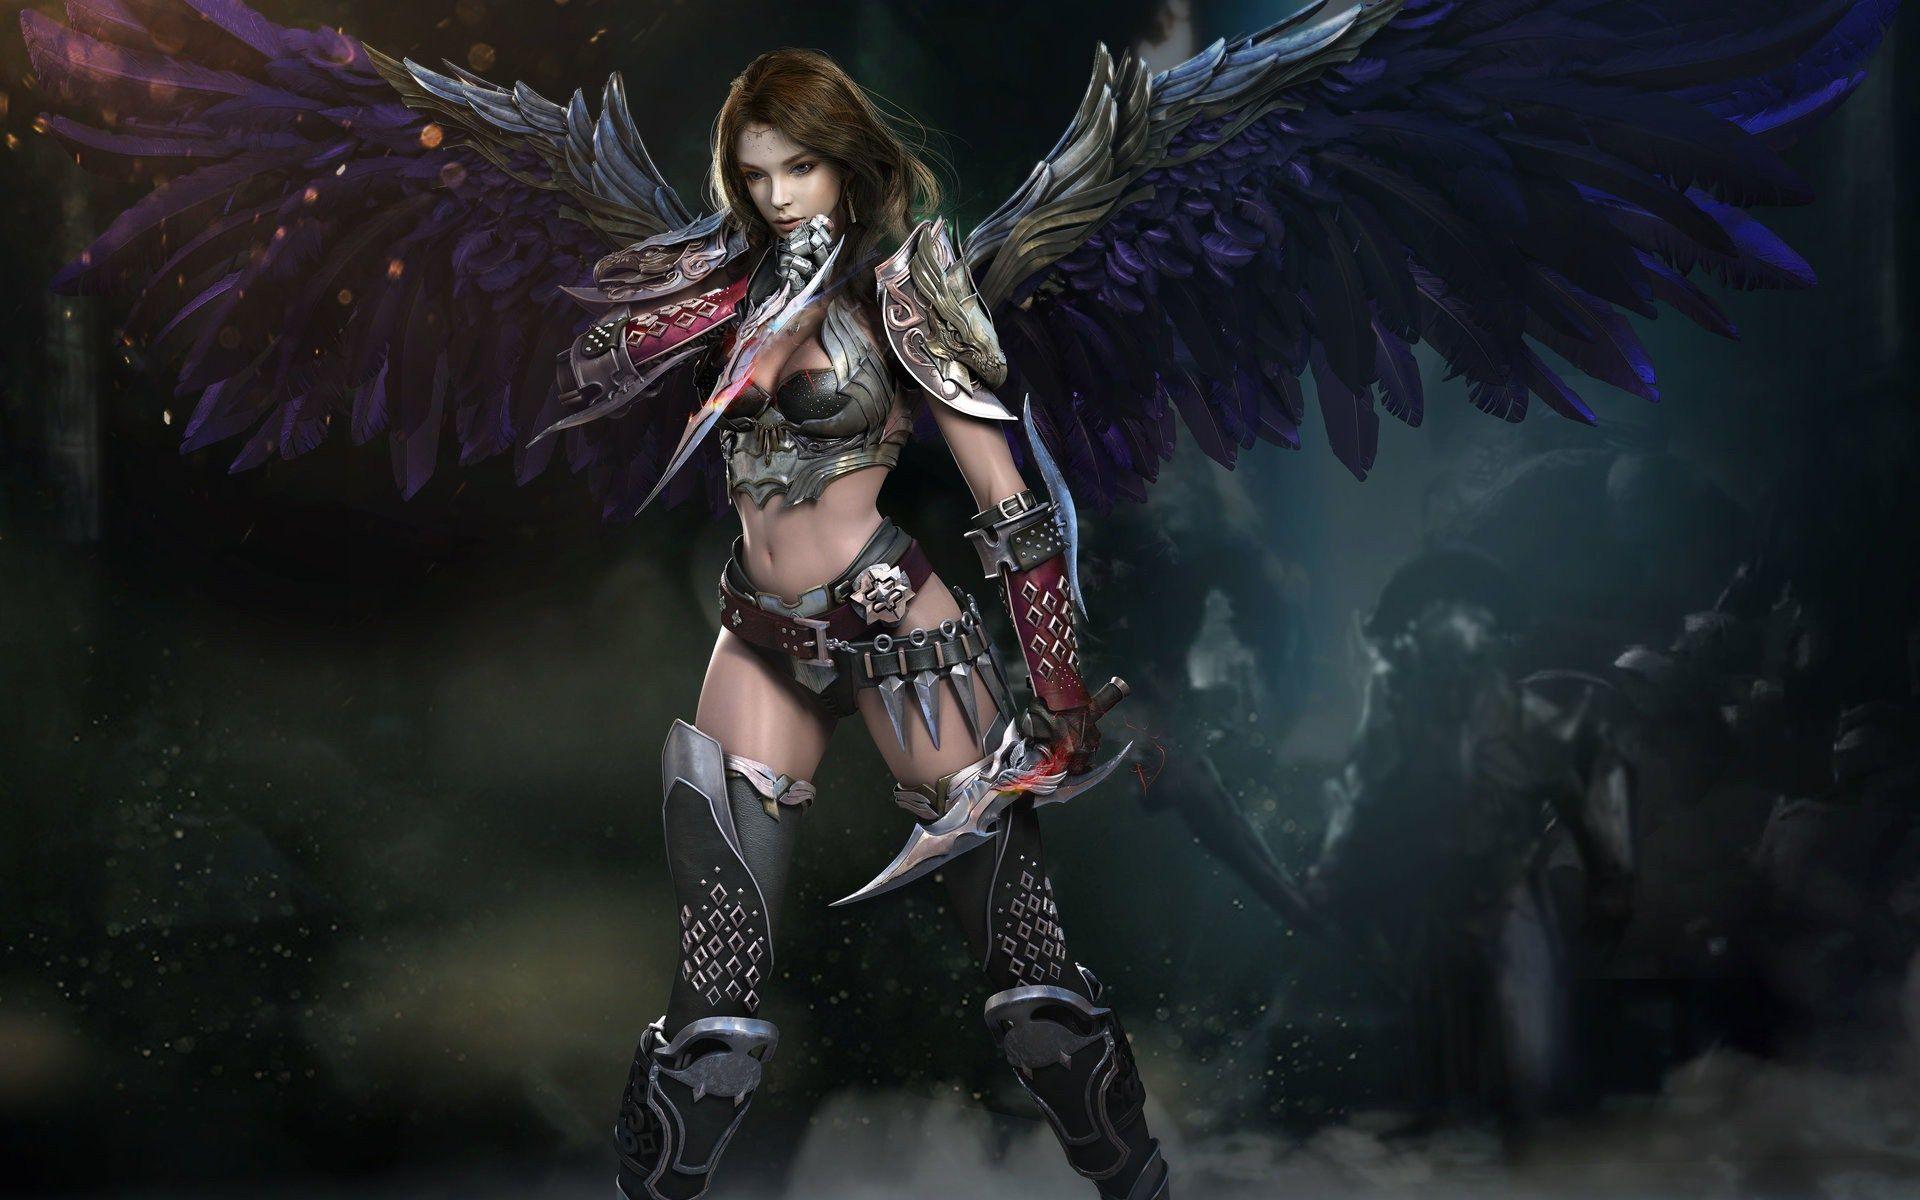 Digital Art Fantasy Girl